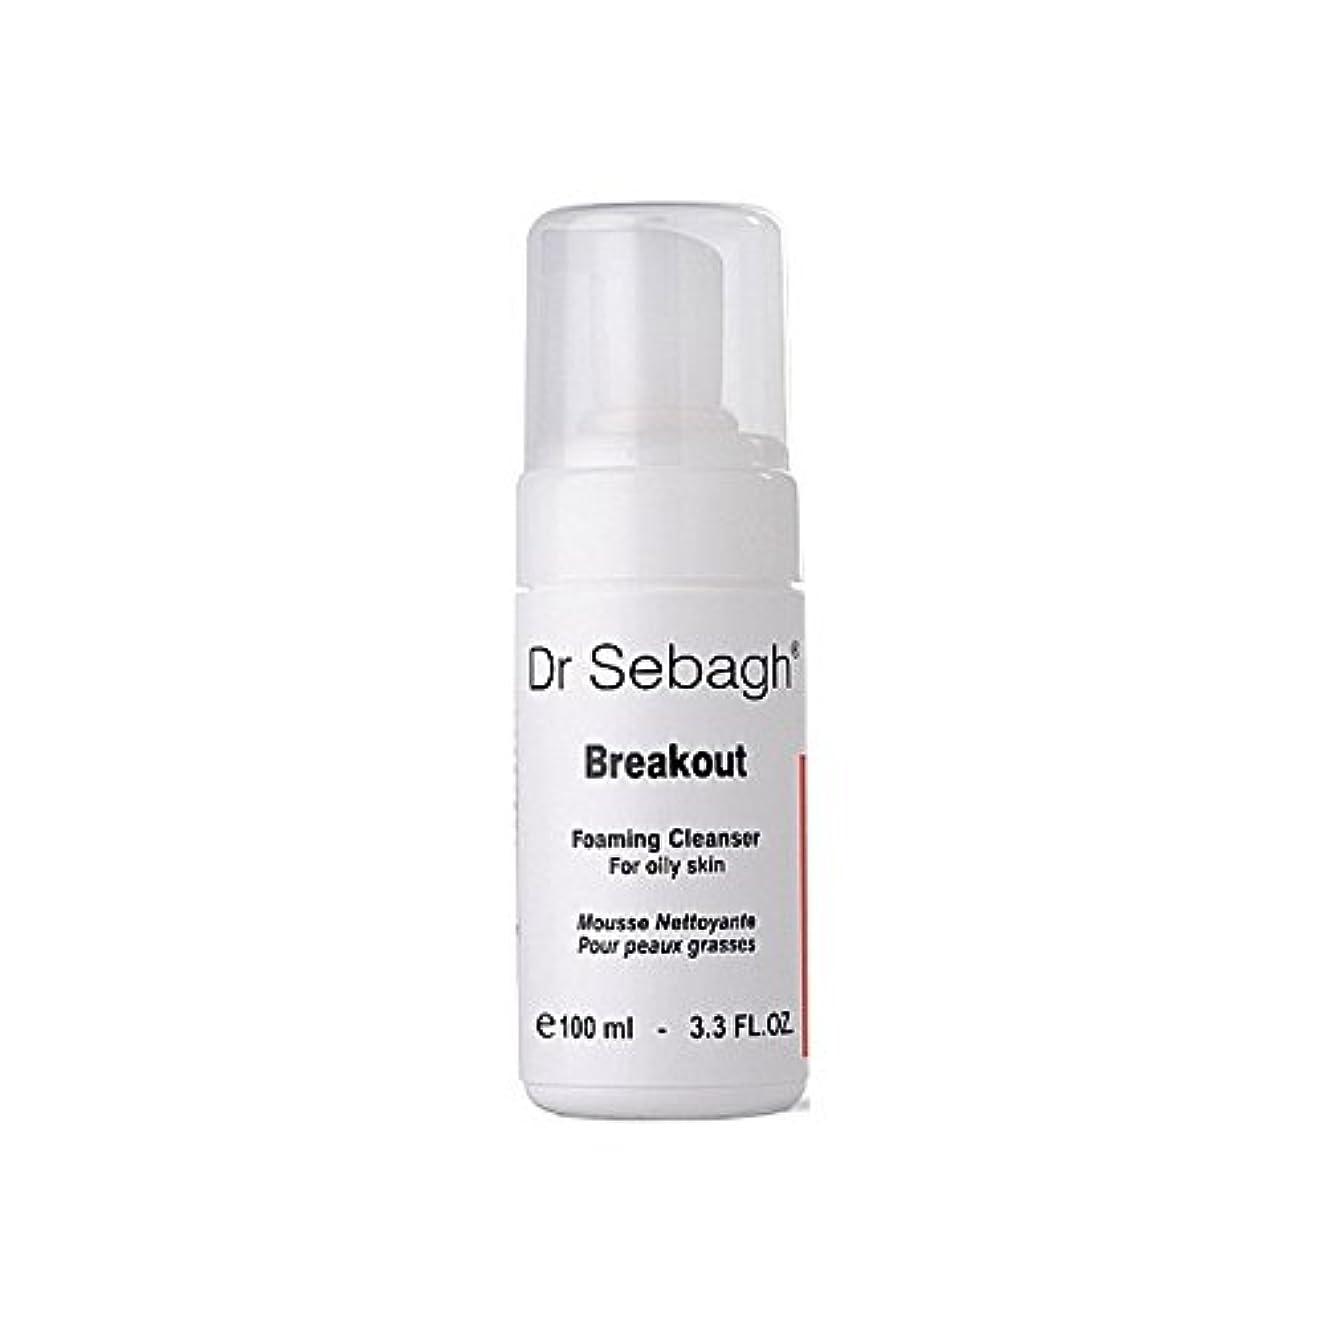 はっきりしない今晩キャロラインDr Sebagh Breakout Foaming Cleanser (Pack of 6) - クレンザーを発泡の のブレイクアウト x6 [並行輸入品]